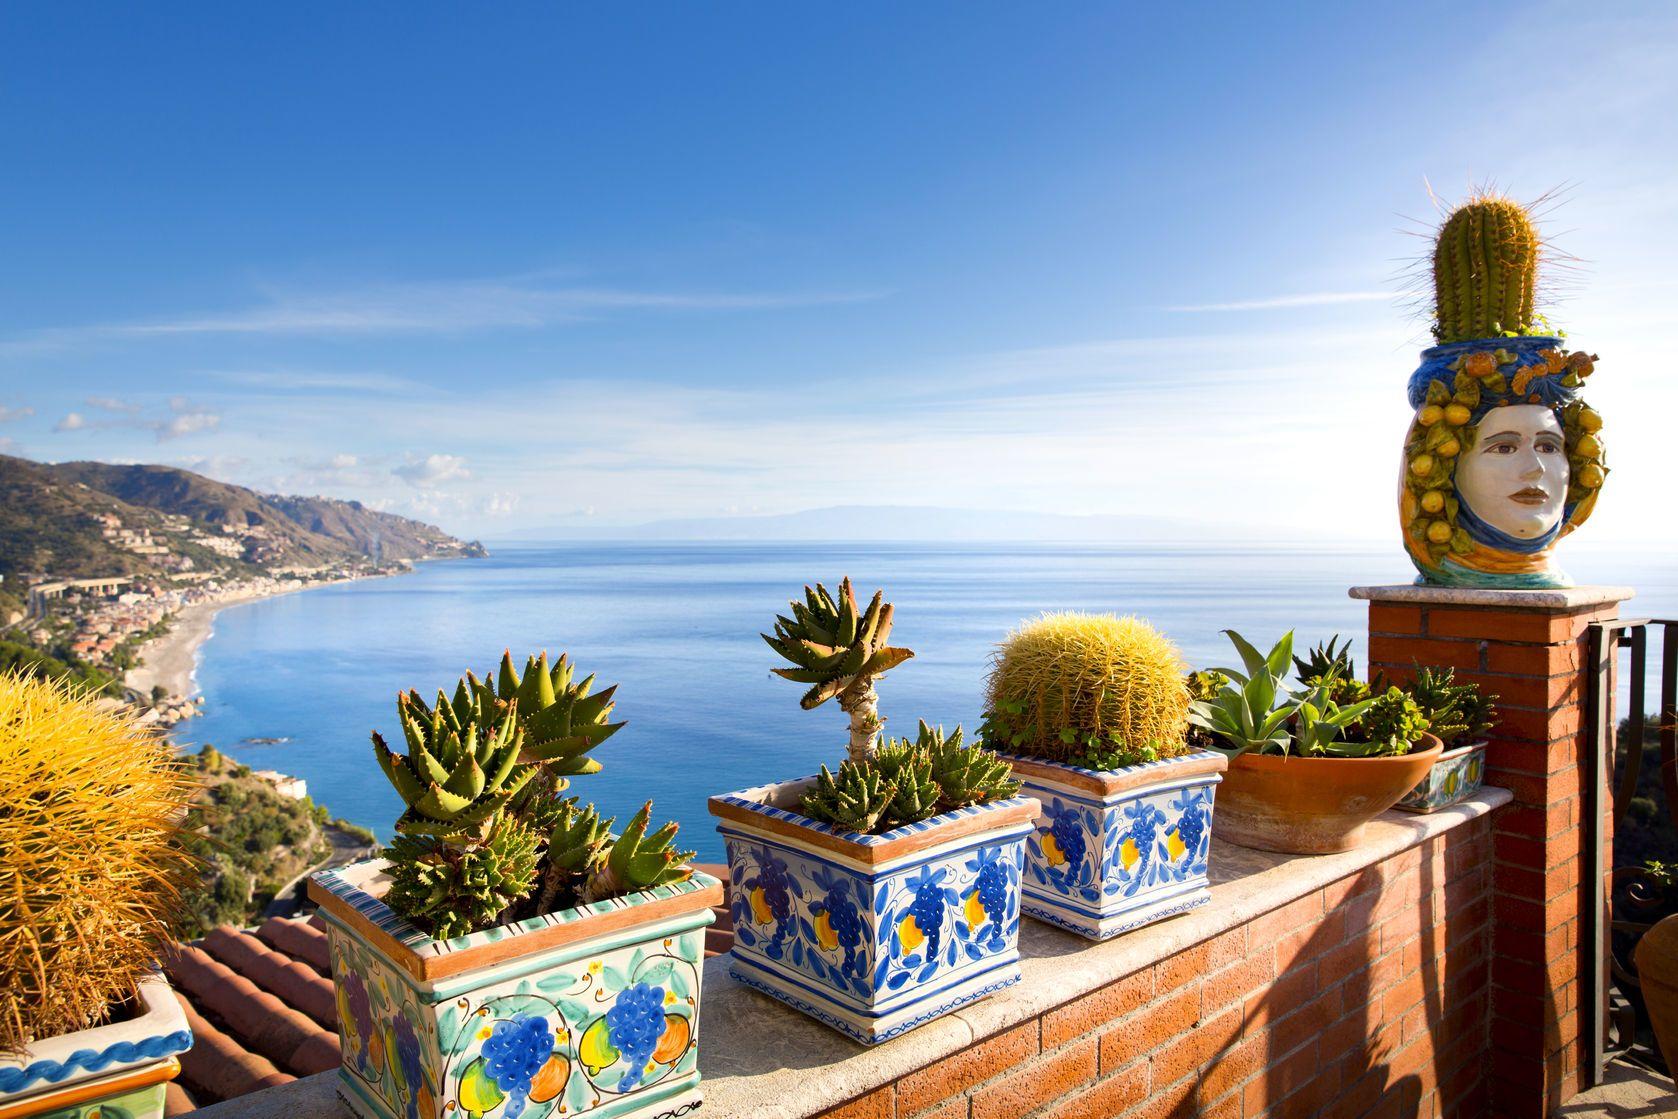 Krajina na pobřeží Sicílie | lachris77/123RF.com